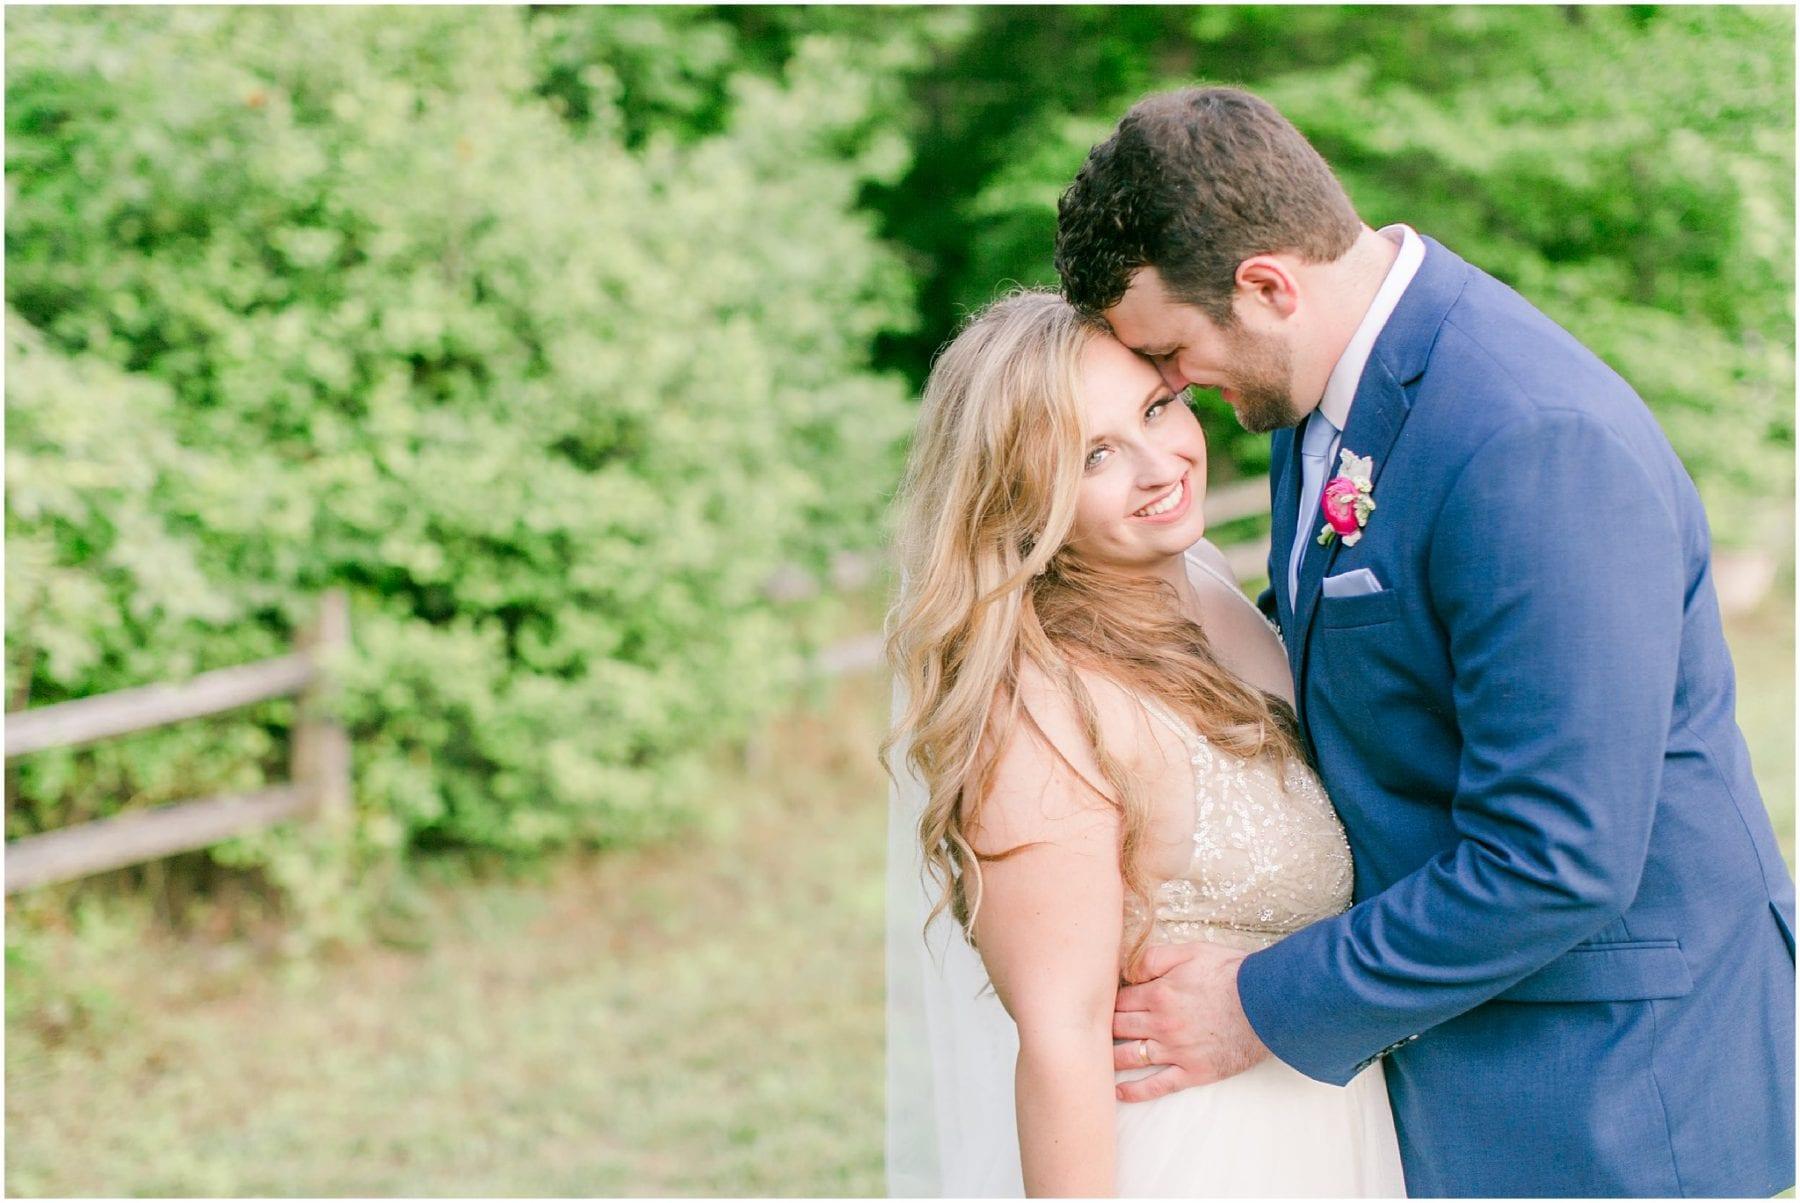 Maryland Backyard Wedding Photos Kelly & Zach Megan Kelsey Photography-254.jpg